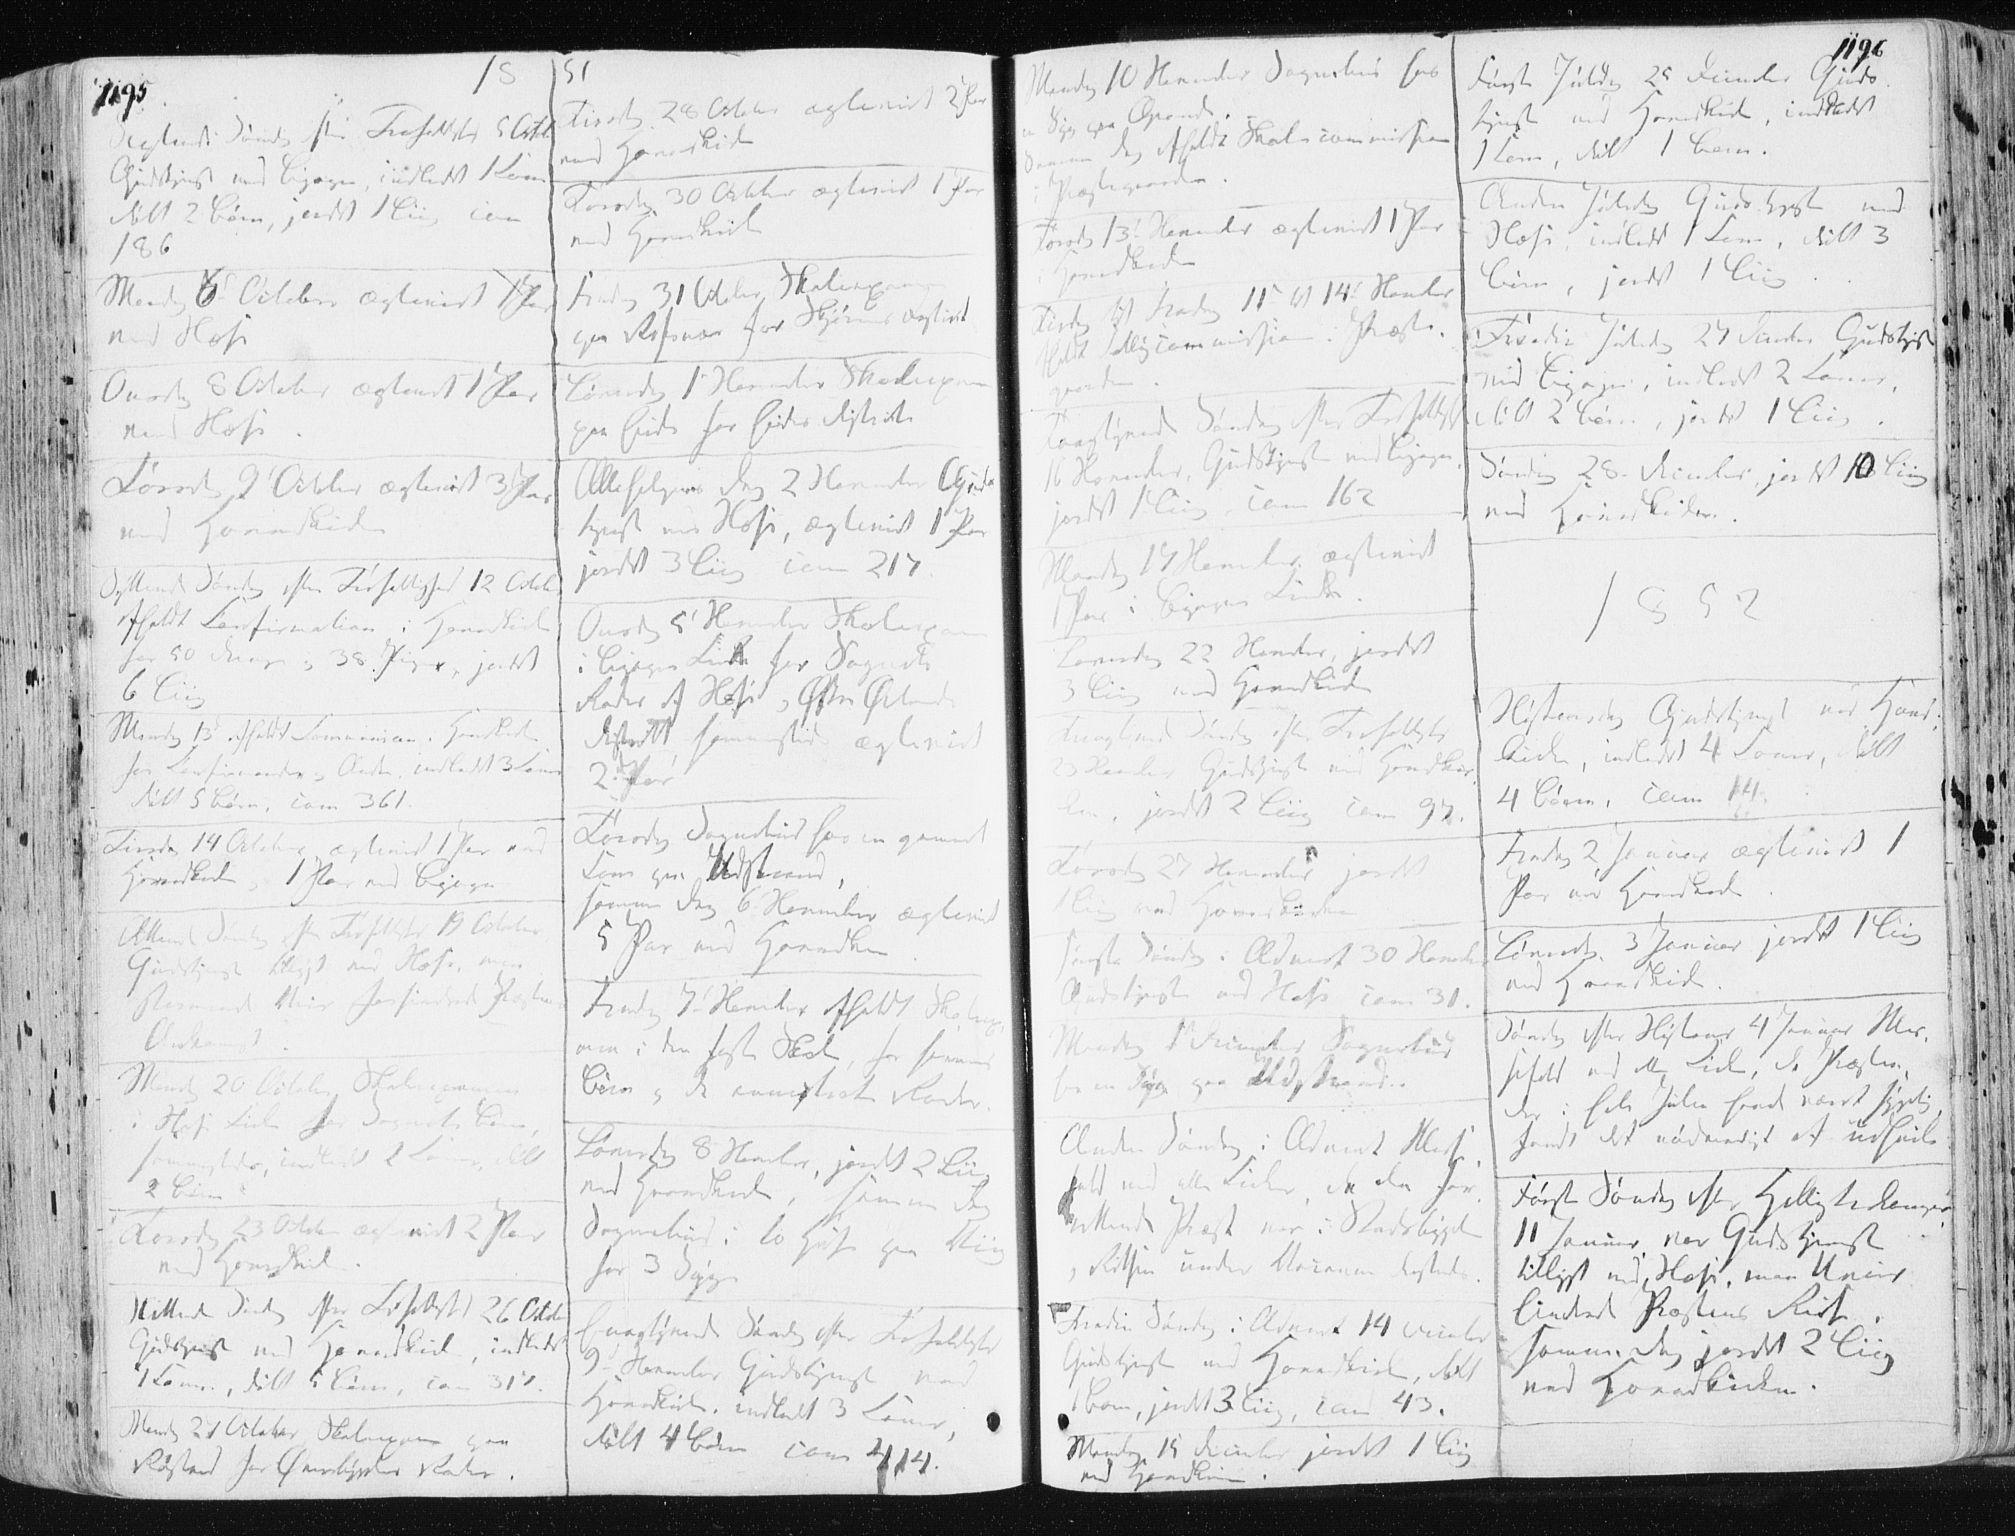 SAT, Ministerialprotokoller, klokkerbøker og fødselsregistre - Sør-Trøndelag, 659/L0736: Ministerialbok nr. 659A06, 1842-1856, s. 1195-1196